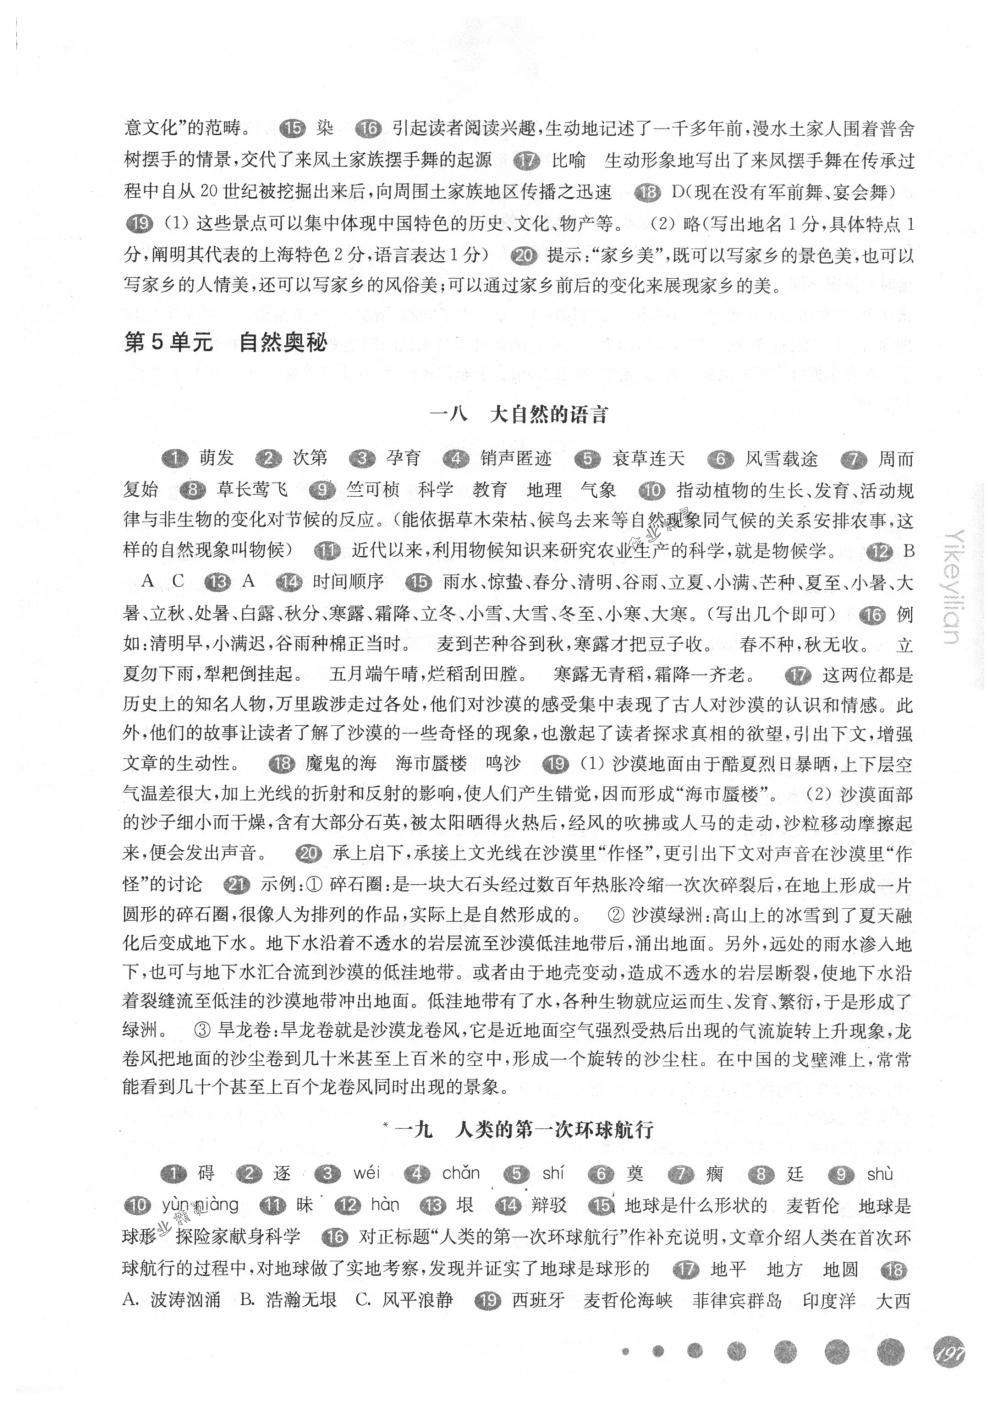 2018年华东师大版一课一练七年级语文第二学期沪教版第11页